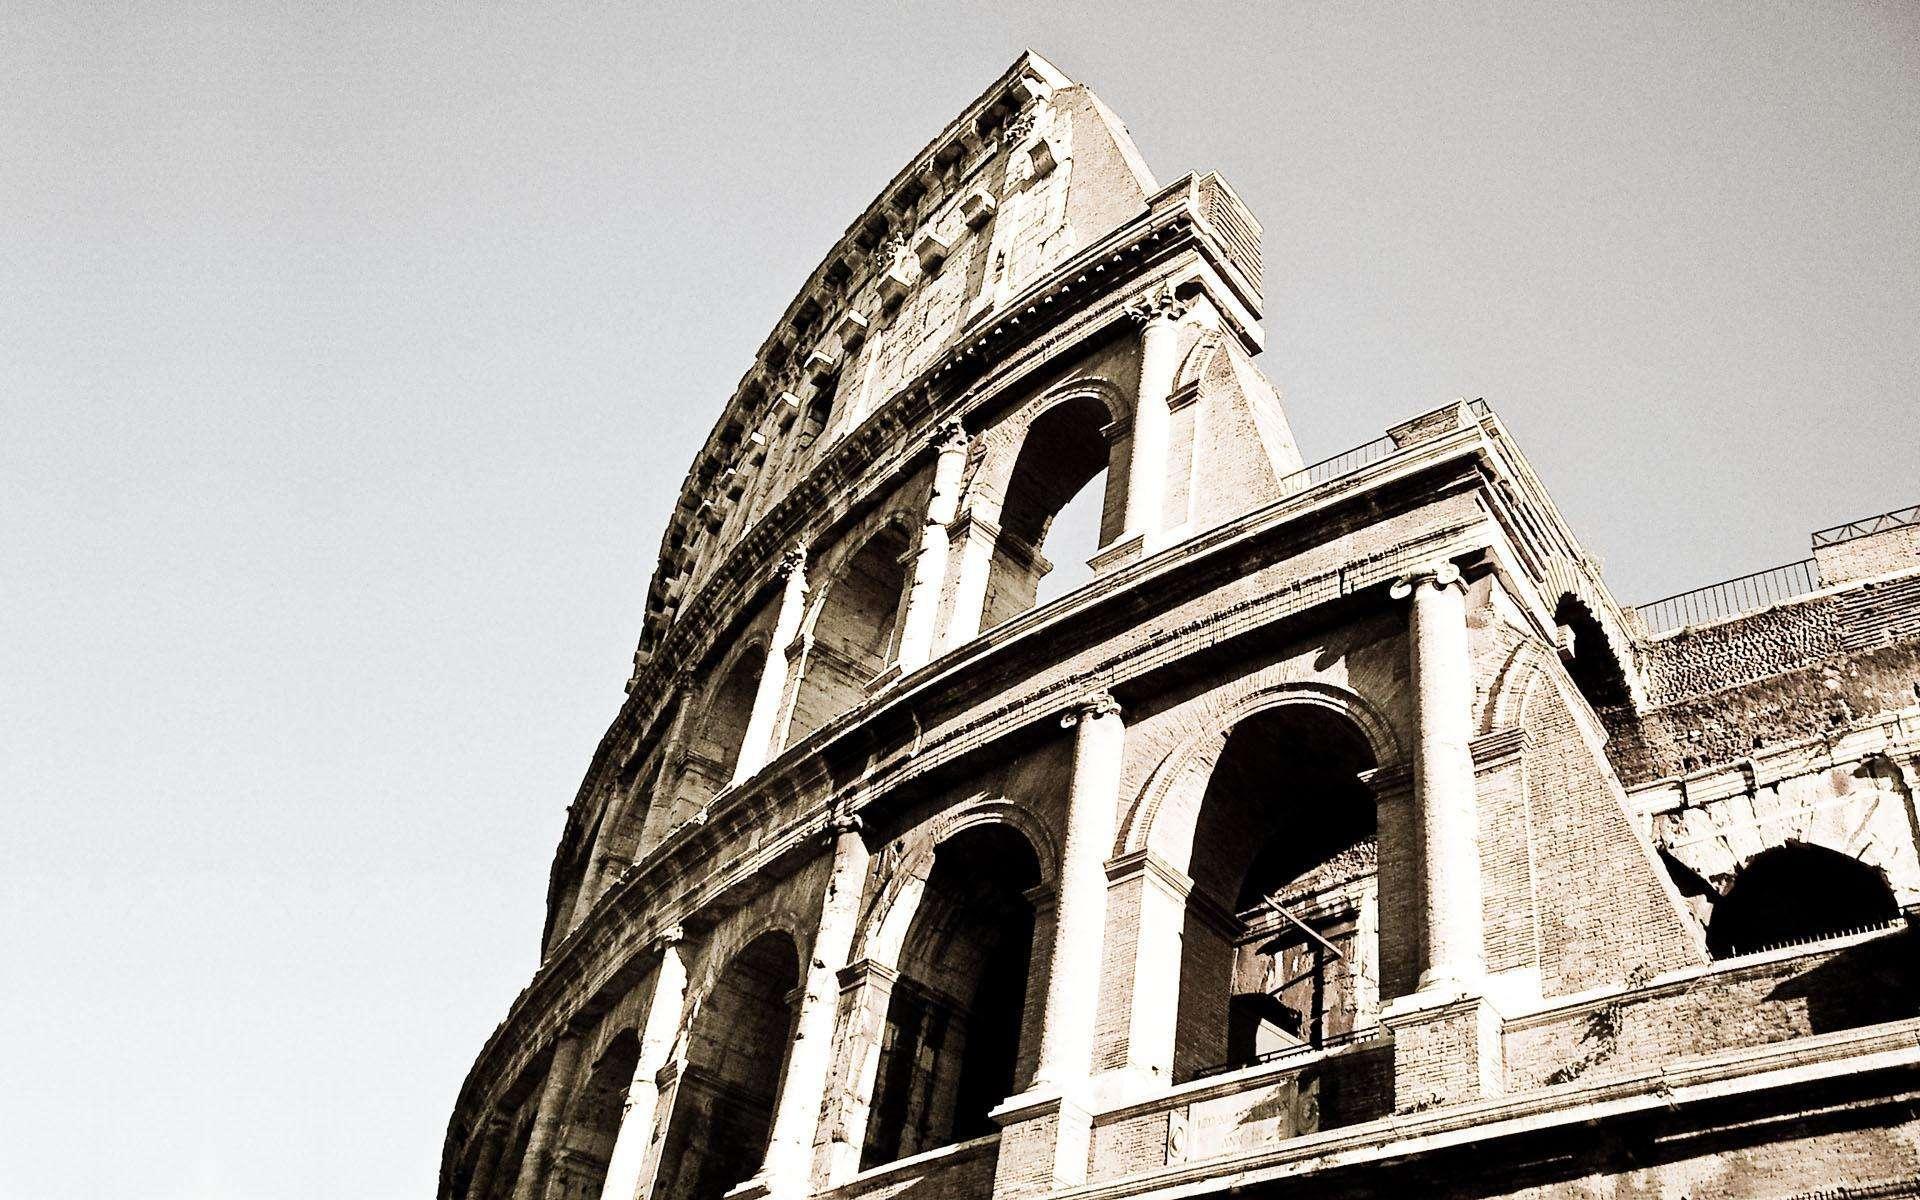 意大利将就预算案进行投票 欧元命运还未知